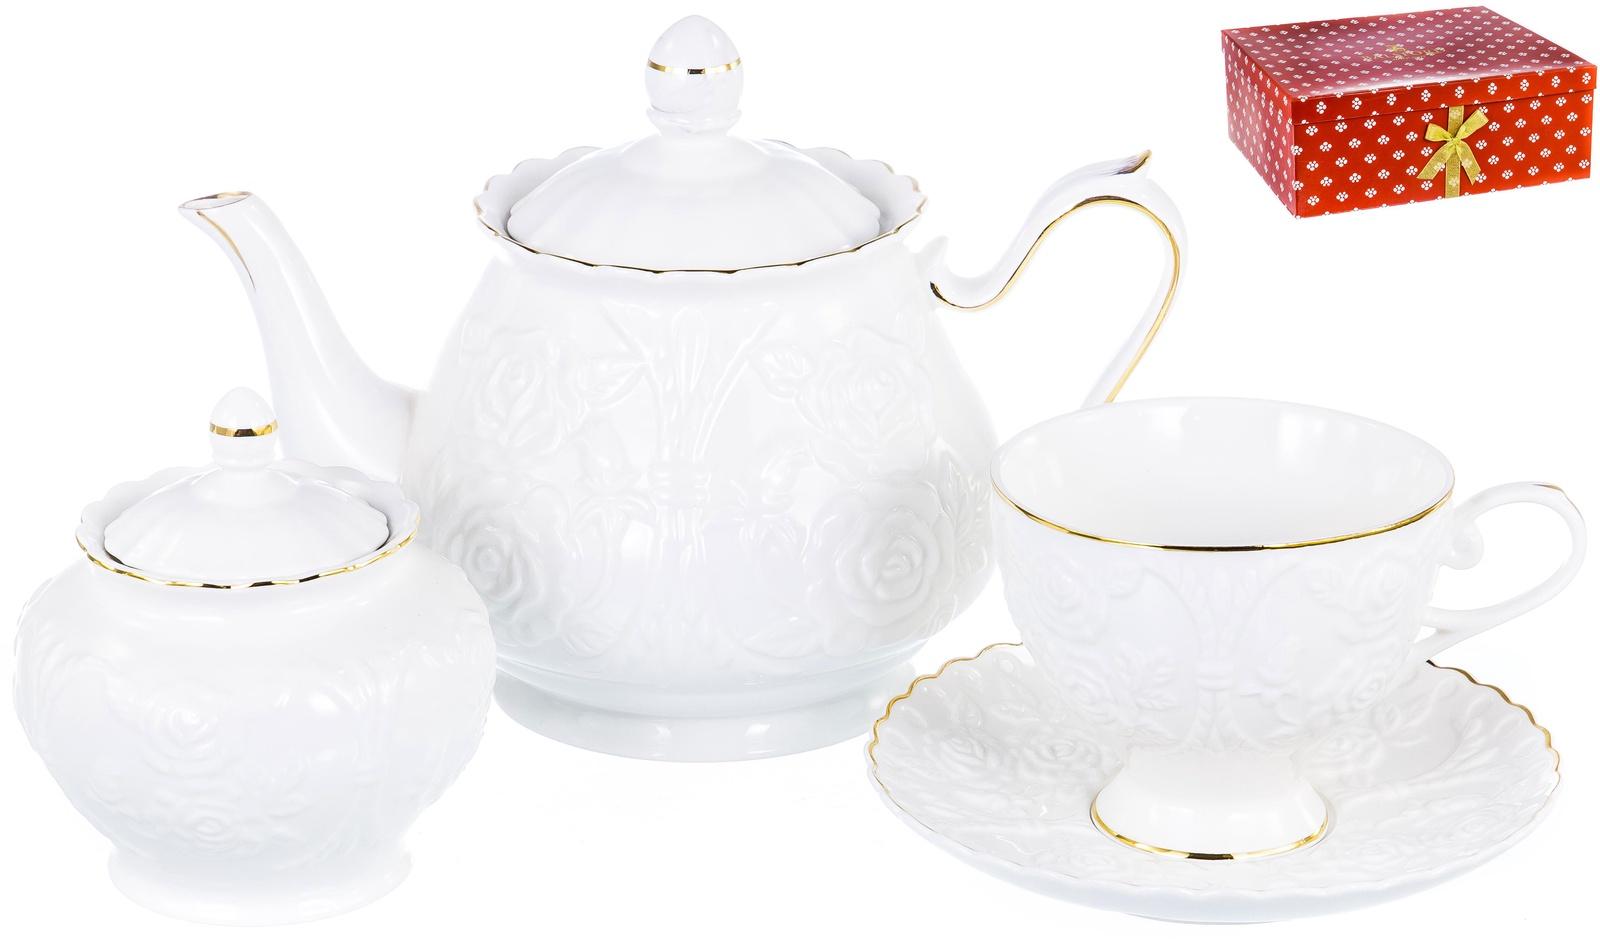 Набор чайный ГРАЦИЯ, серия Насса, 6 чашек 220мл, 6 блюдец,чайник с крышкой 1000мл, сахарница с крышкой 400мл, NEW BONE CHINA, белый рельефный рисунок с золотом, прямоугольная подарочная упаковка с окном и бантом, ТМ Balsford, артикул 101-30038